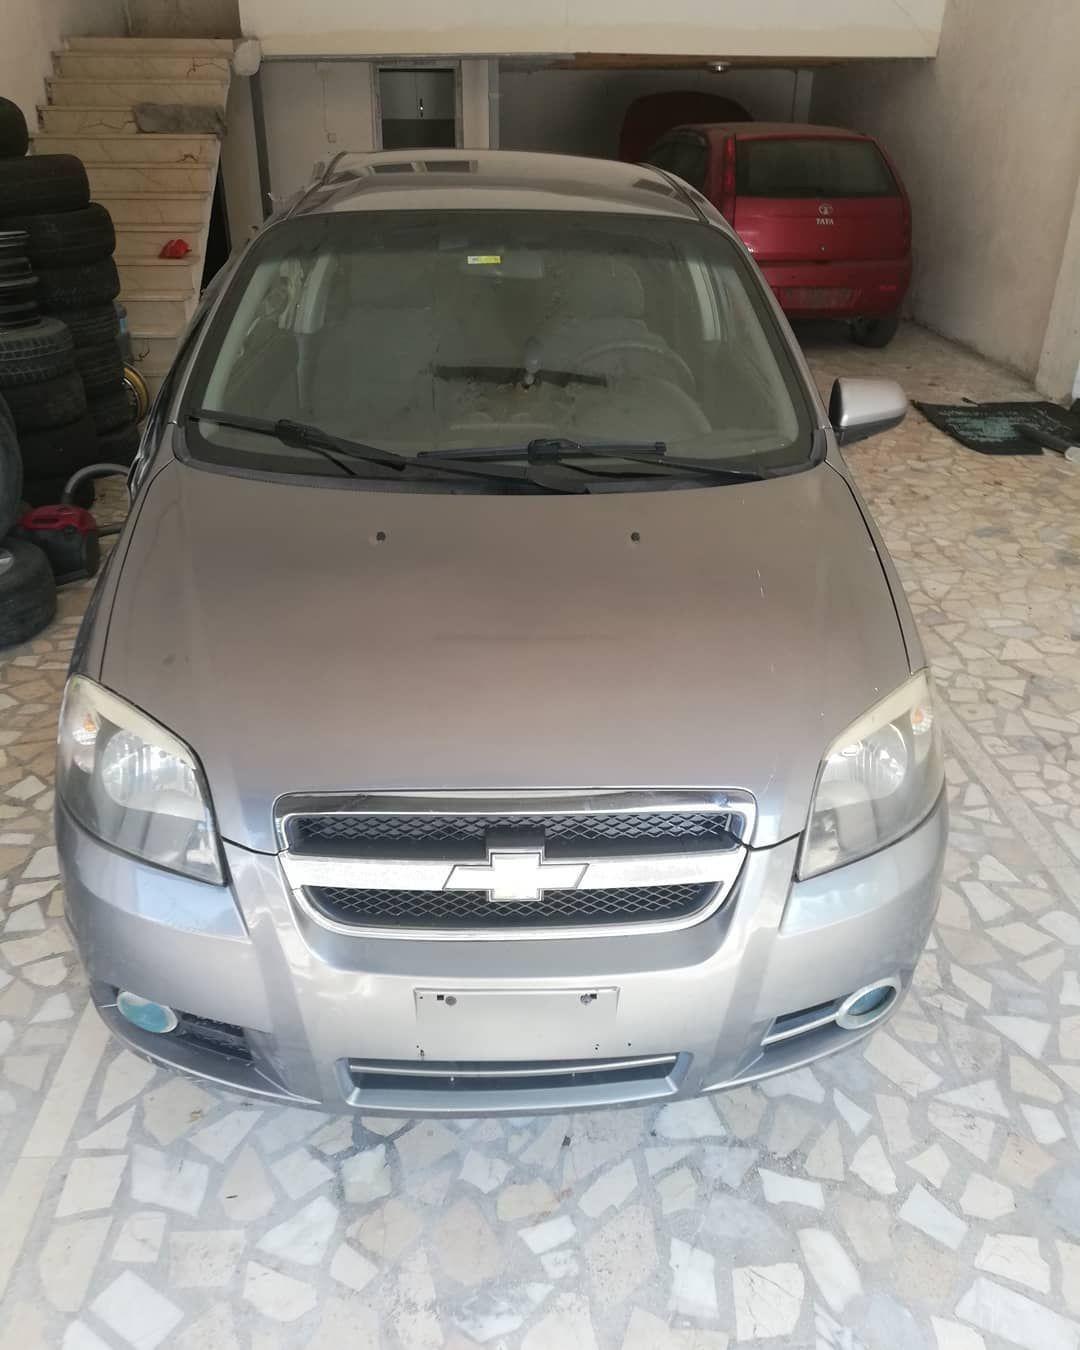 Chevrolet Aveo Sedan 1 4 16v S 2008 Model 175 000 Km Hasarli